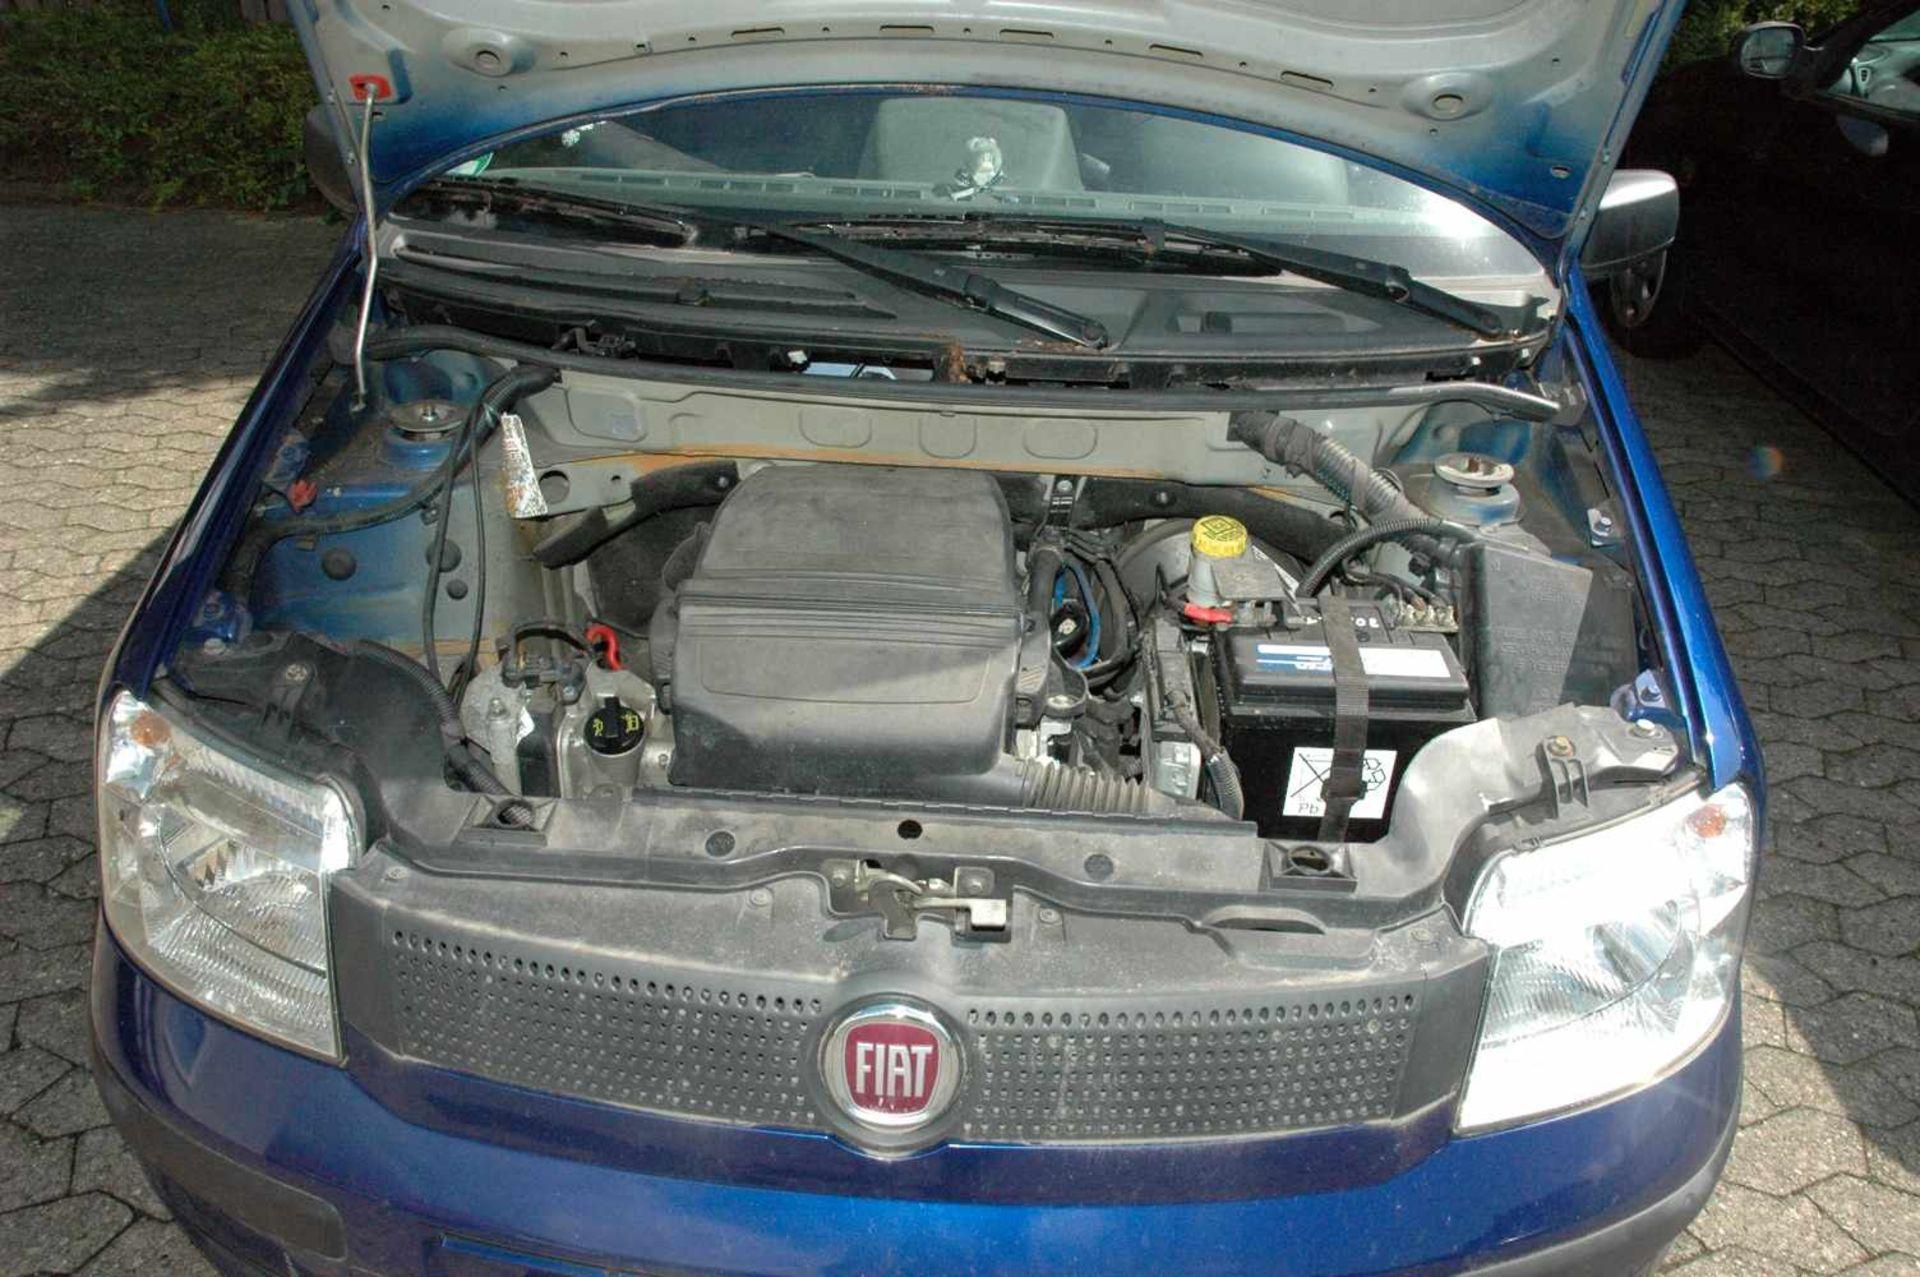 PKW, Fiat Panda, EZ 01.04.09, 40 kW, km-Stand: 130965m blau, TÜV 9/20, Benziner, Brief nicht - Bild 7 aus 9